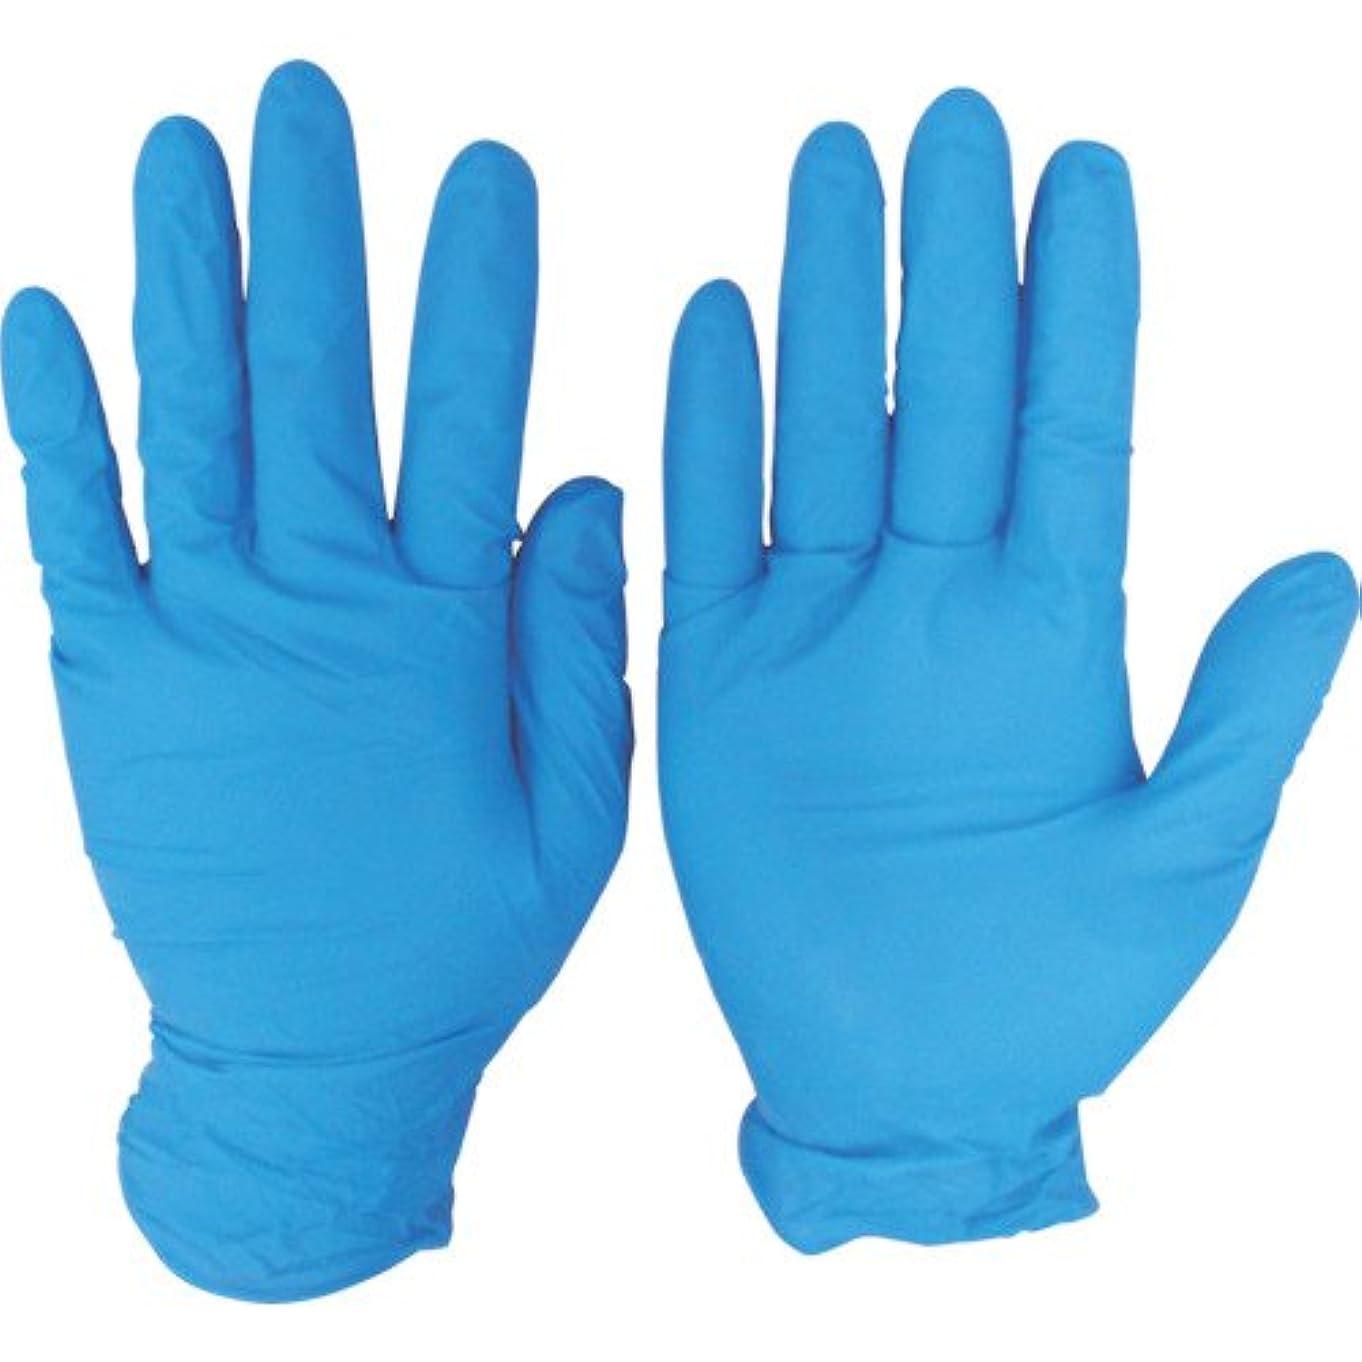 引き潮寛大さヘクタールシンガー ニトリルディスポグローブ(手袋) No.810 ブルー パウダーフリー(100枚) L